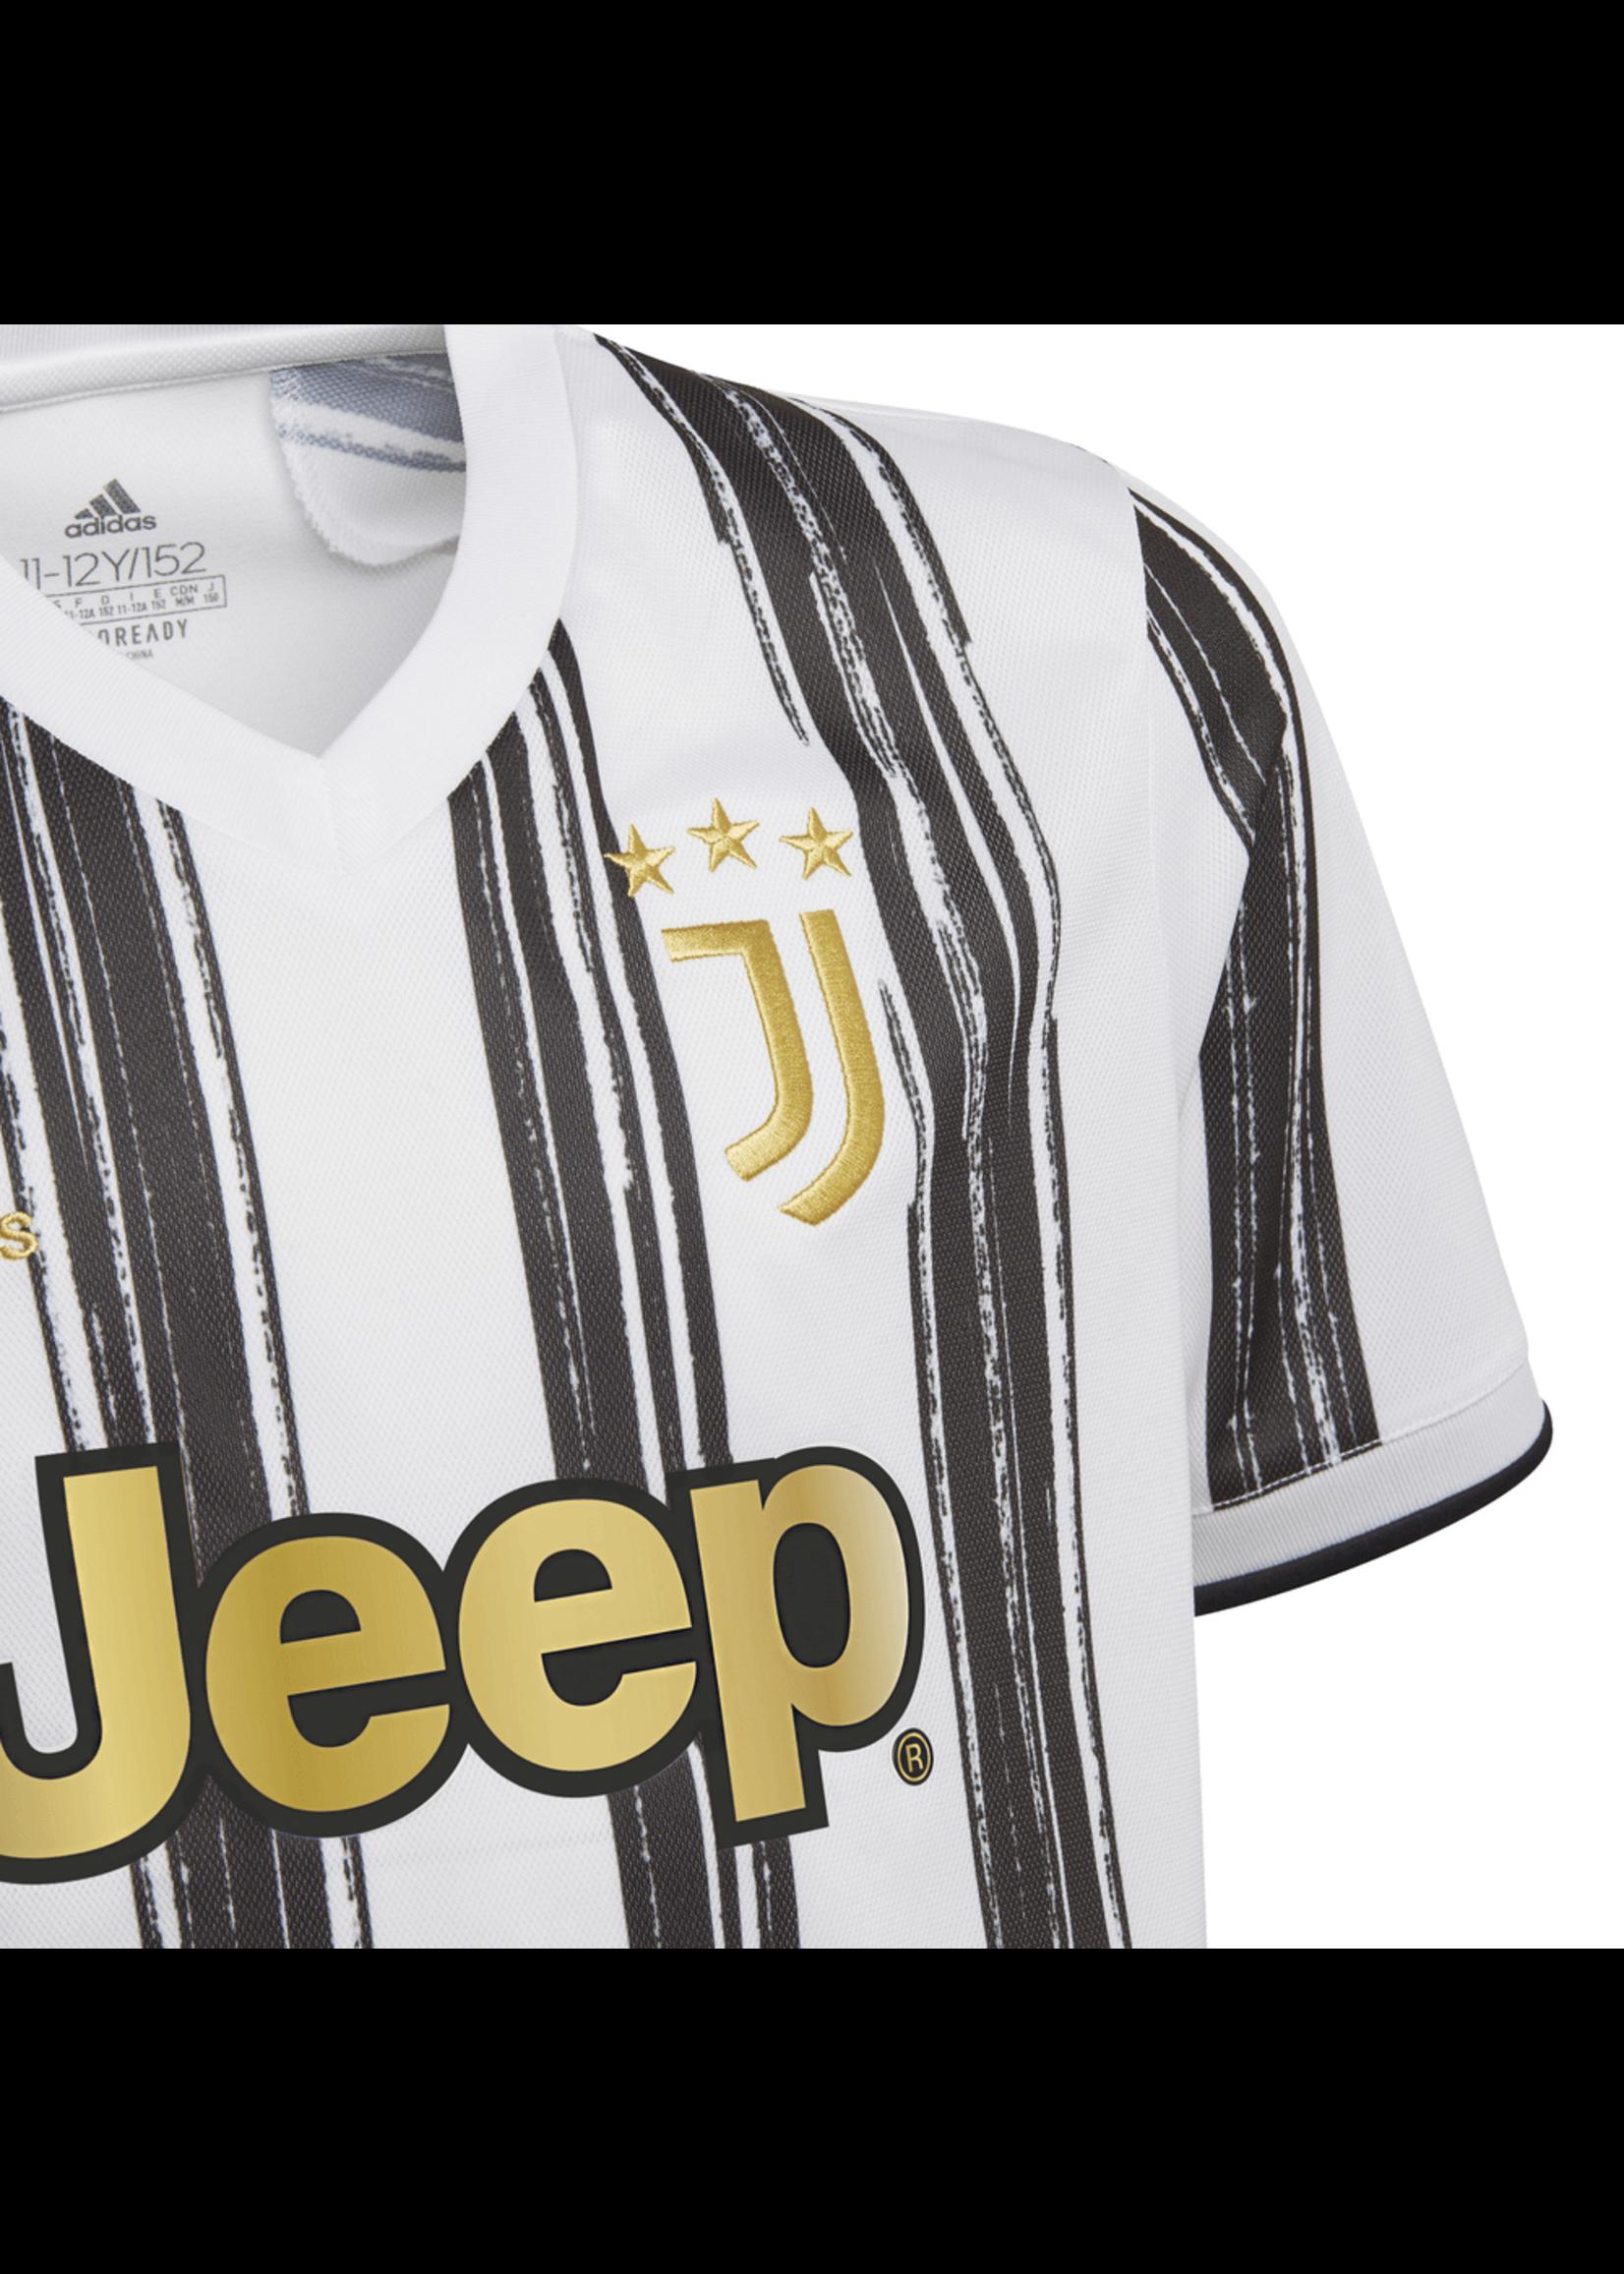 ADIDAS Juventus Home Jersey 2020/2021